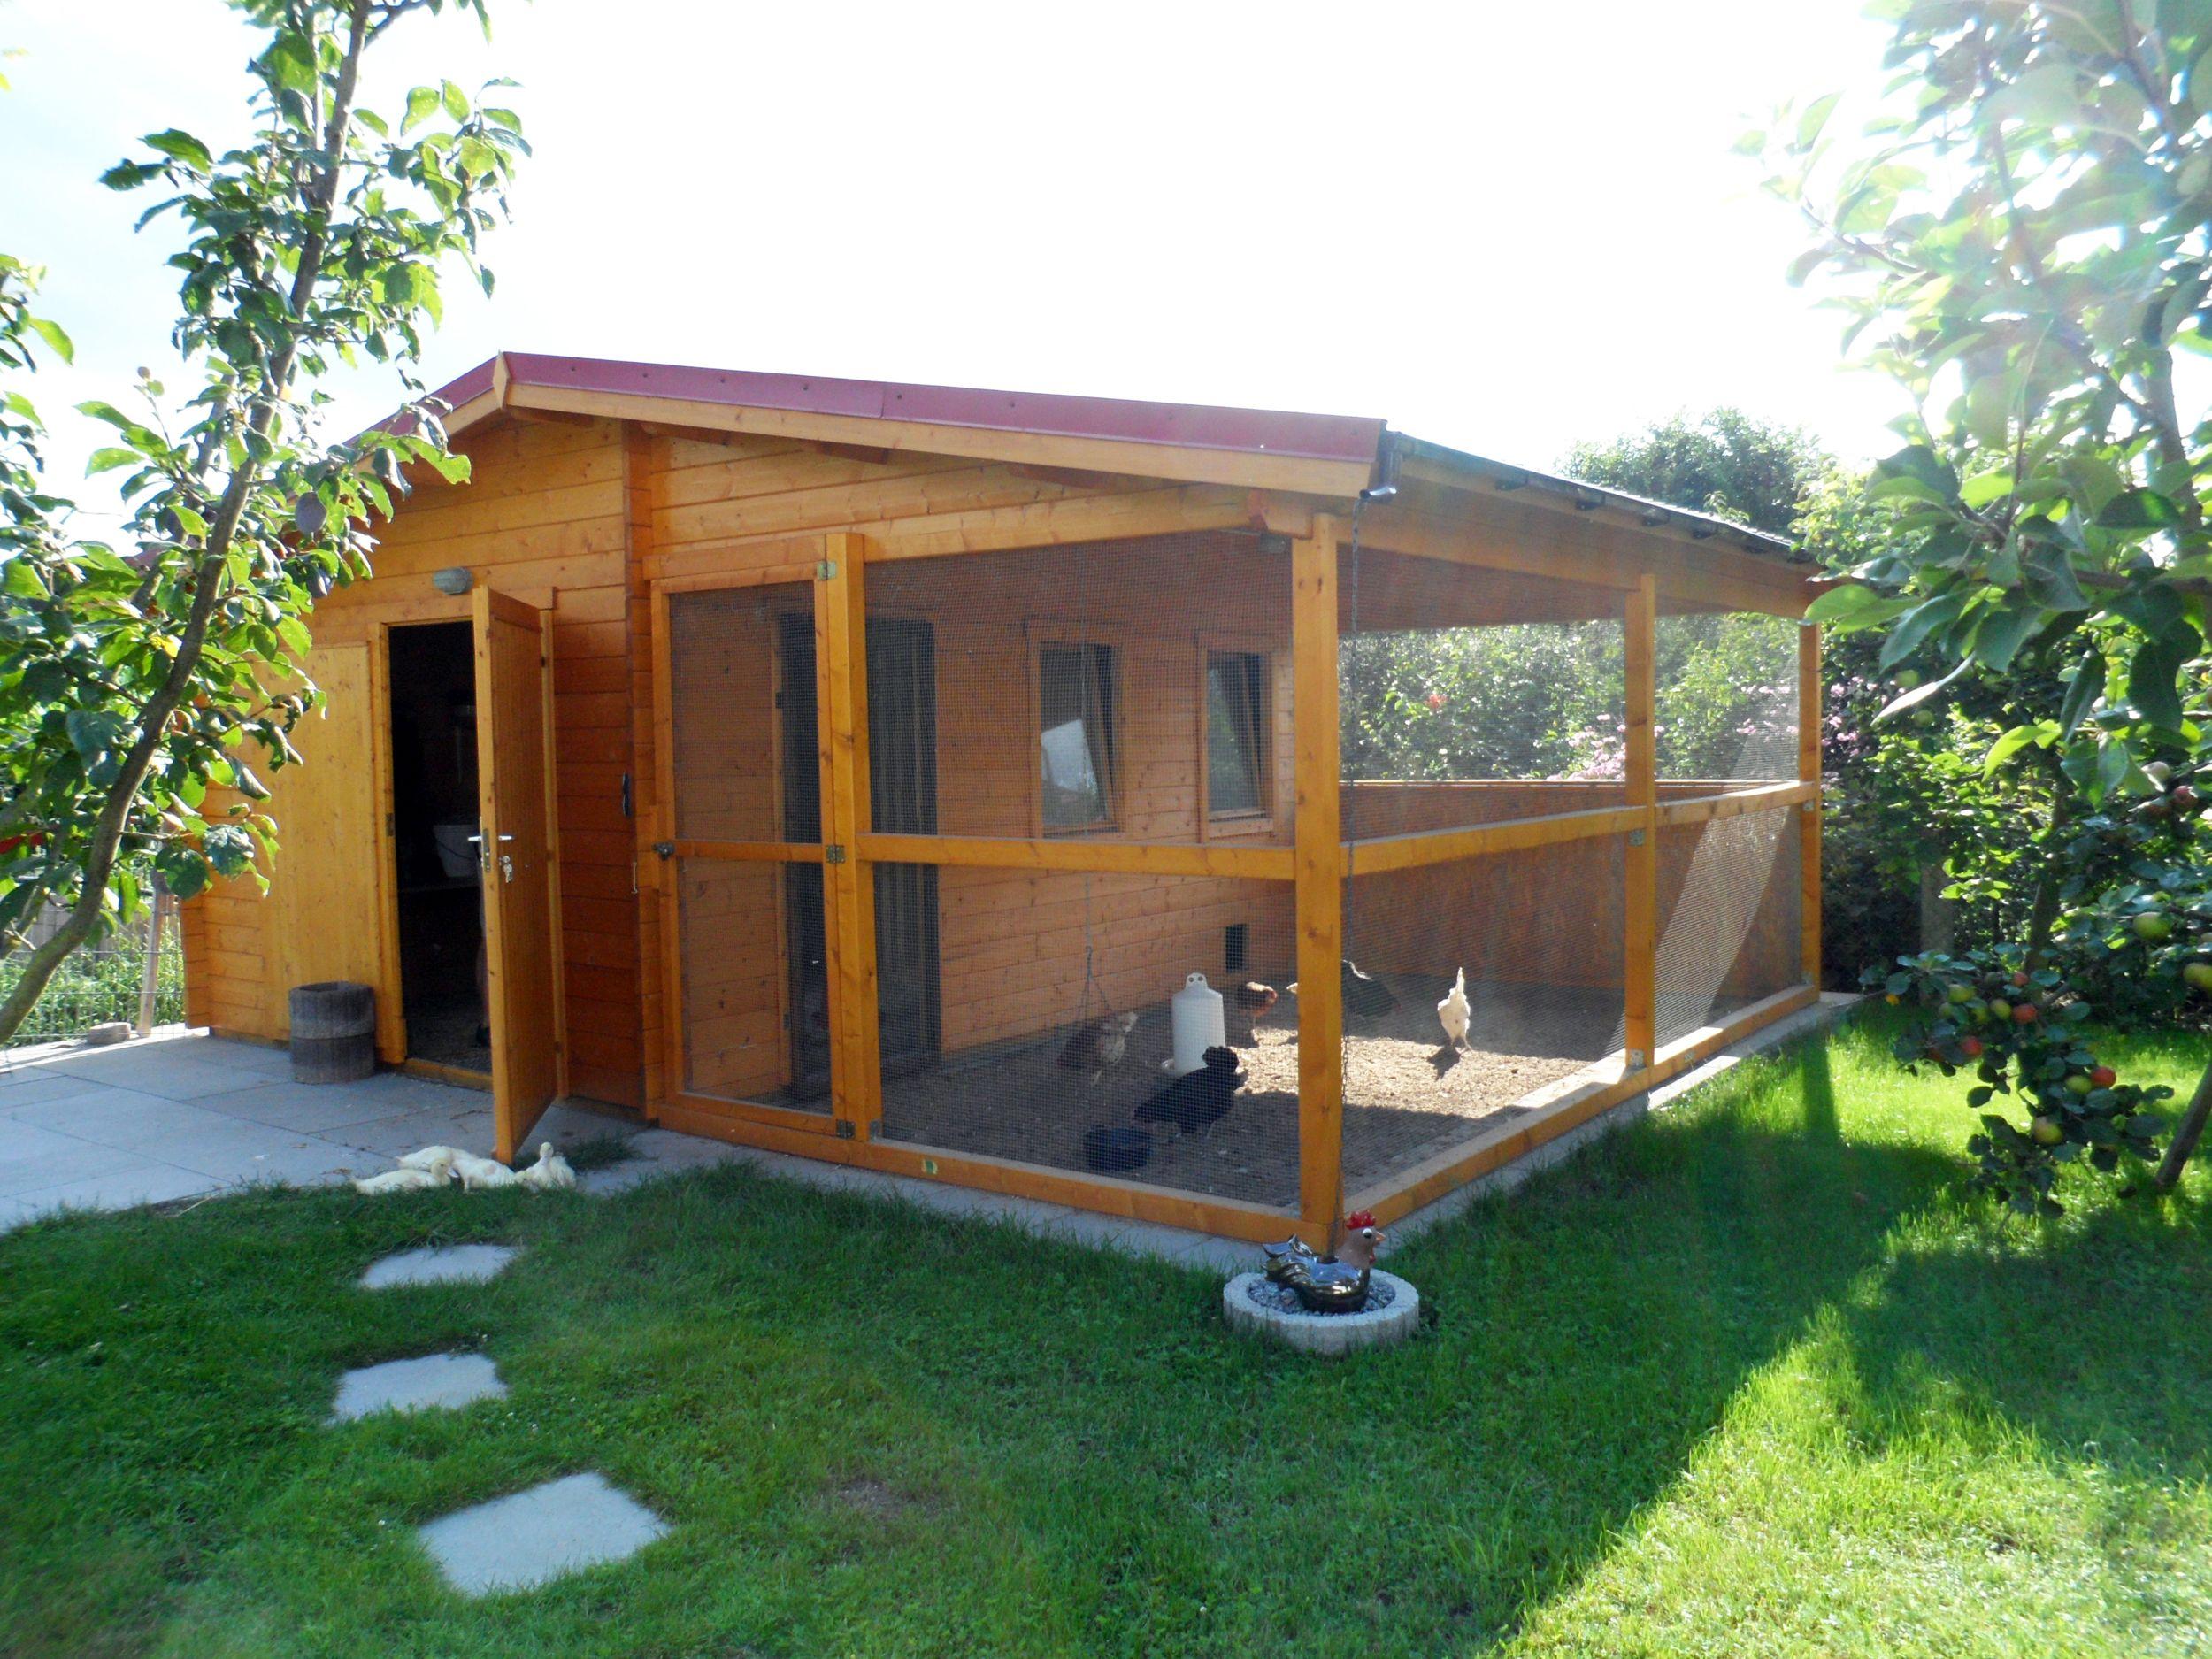 gartenhäuser mal anders: 4 ideen zur zweckentfremdung | hühner